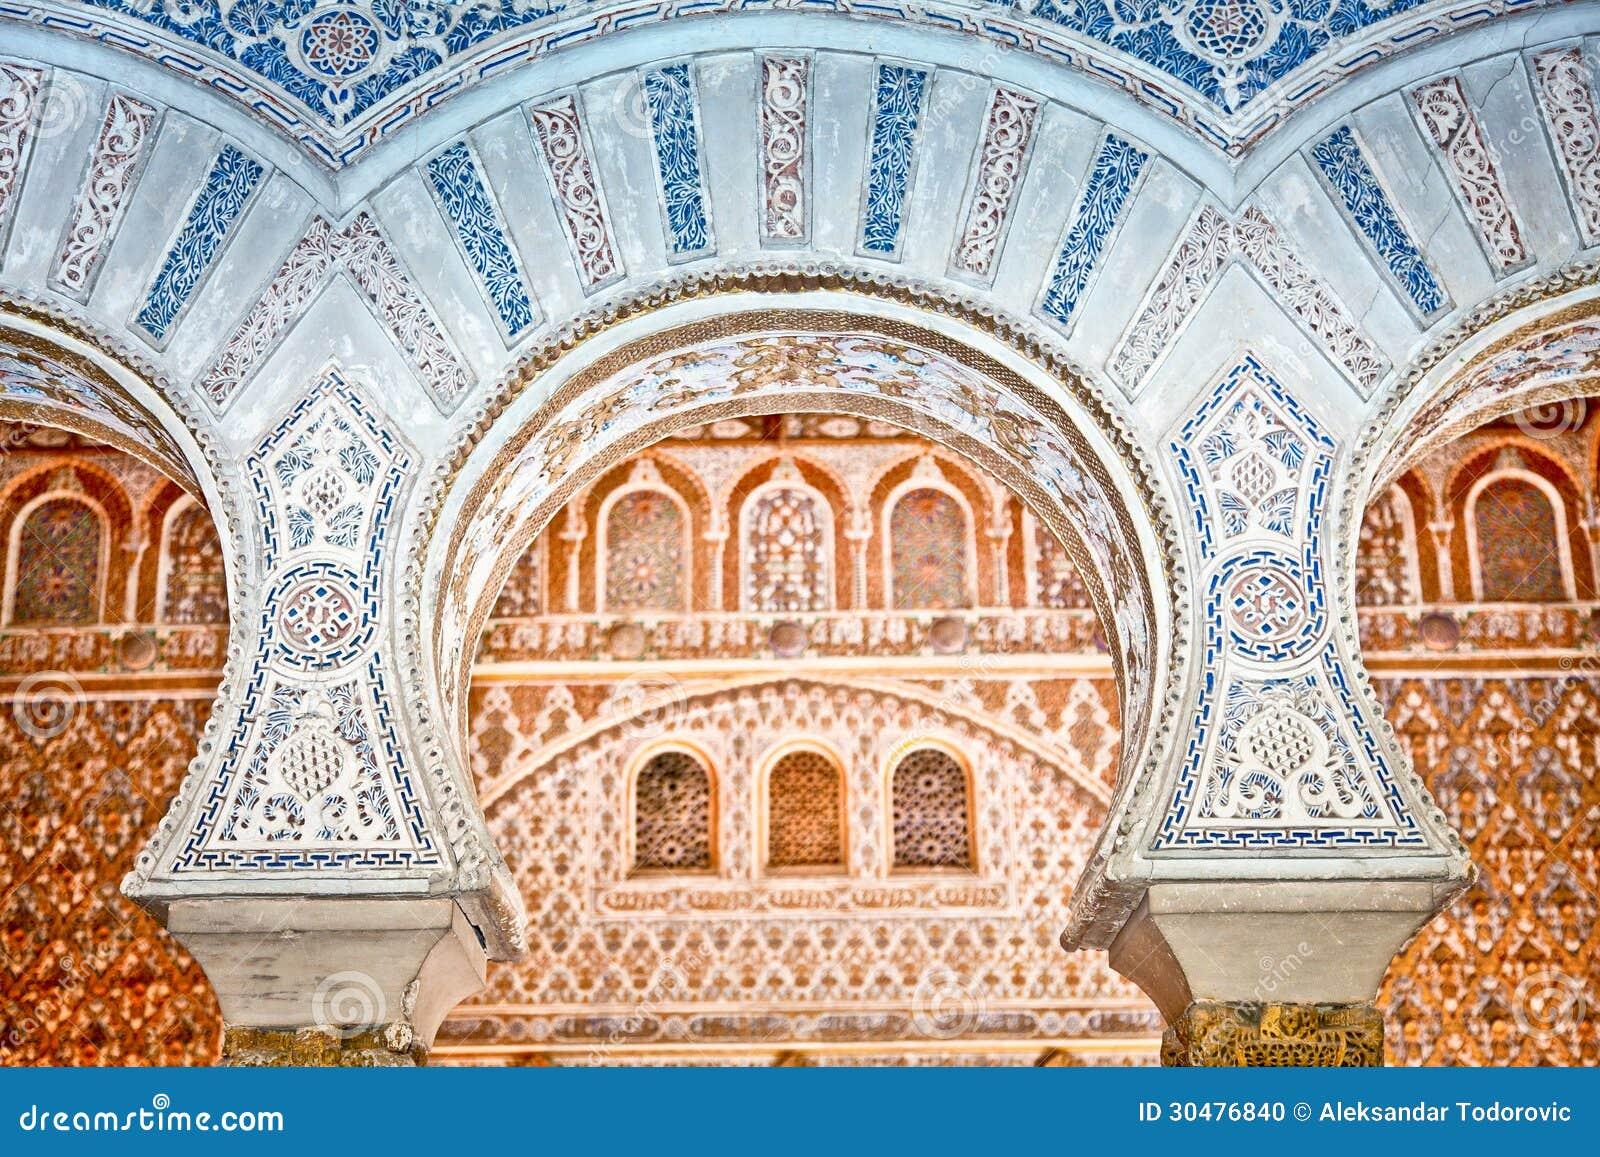 Decorazioni negli alcazar reali di Siviglia, Spagna.